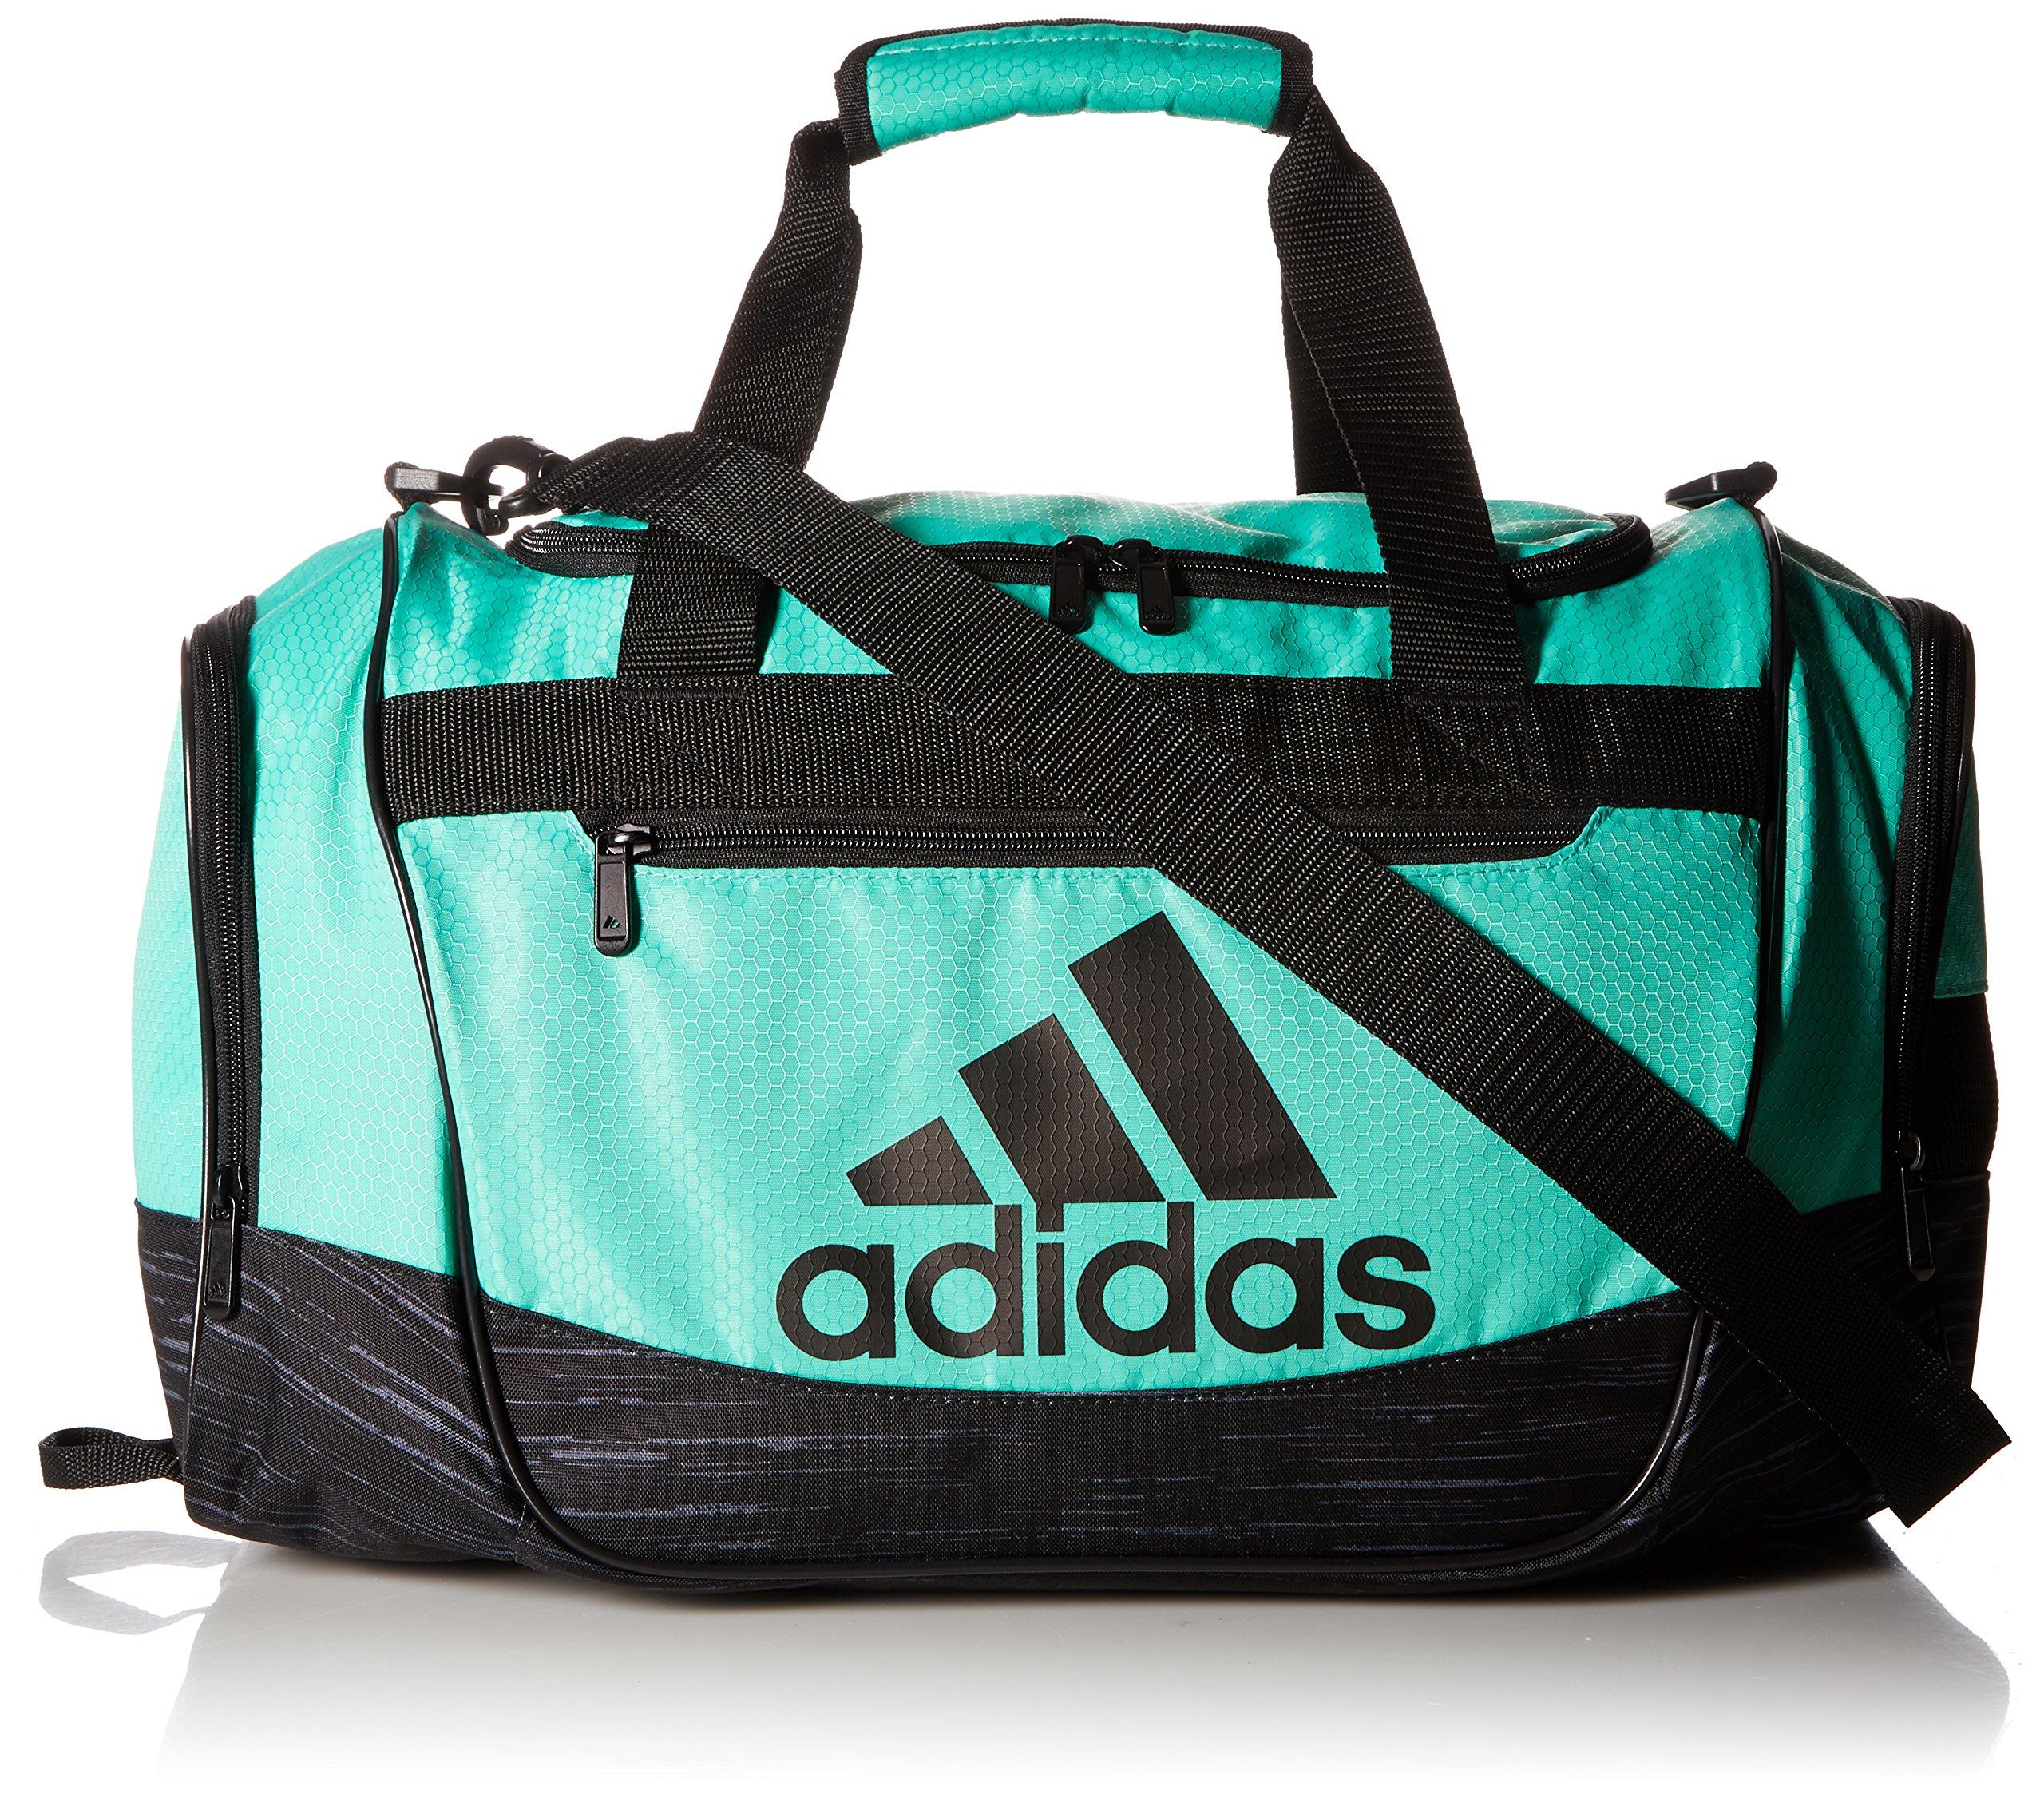 adidas Defender III Duffel Bag (Small, Hi-Res Green/Black/Black Looper)